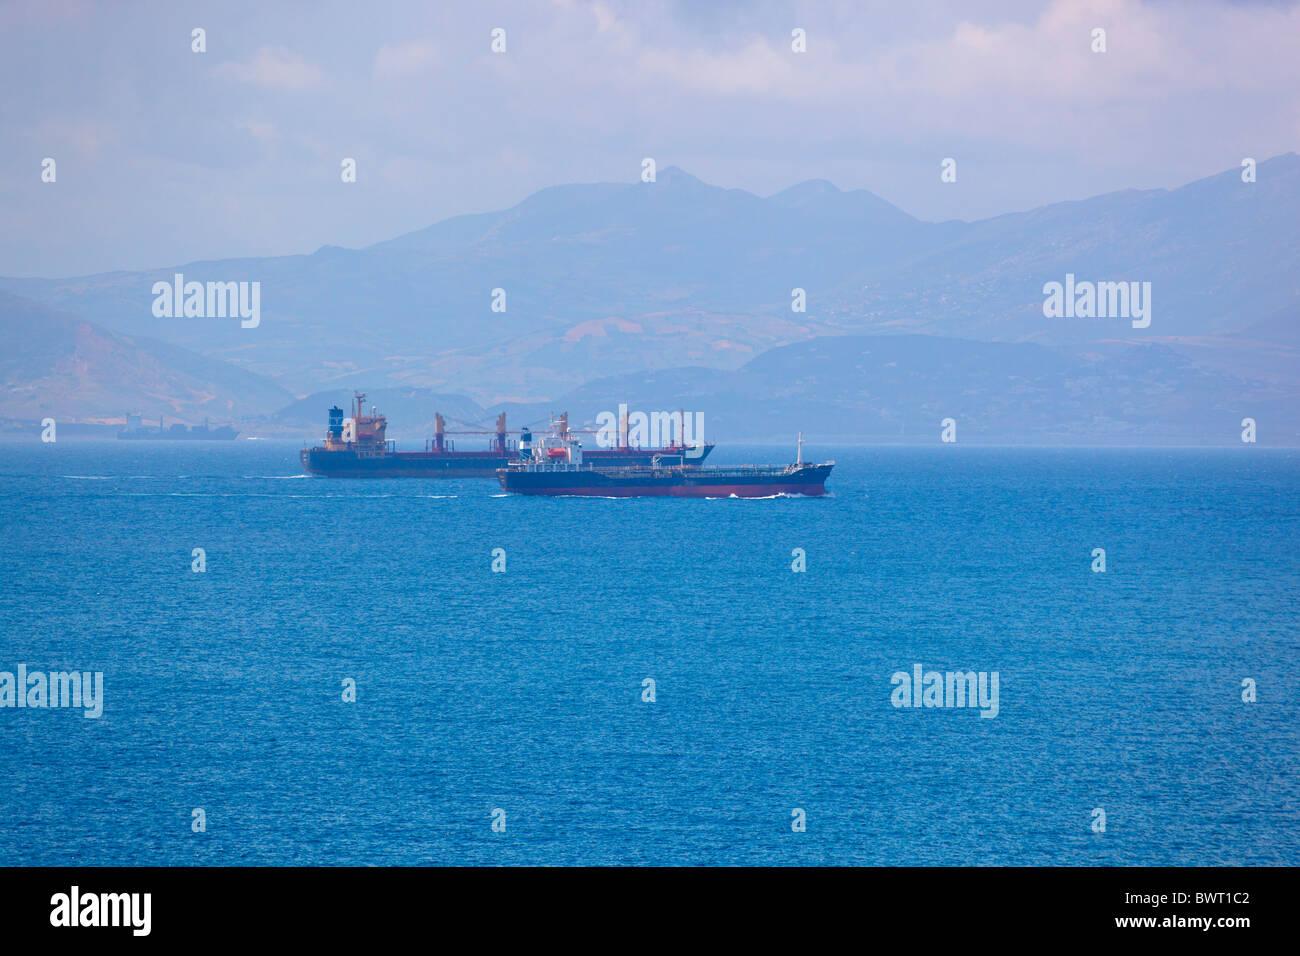 Le navi da carico passando attraverso lo Stretto di Gibilterra tra Spagna e Marocco. Il Marocco è visto in Immagini Stock